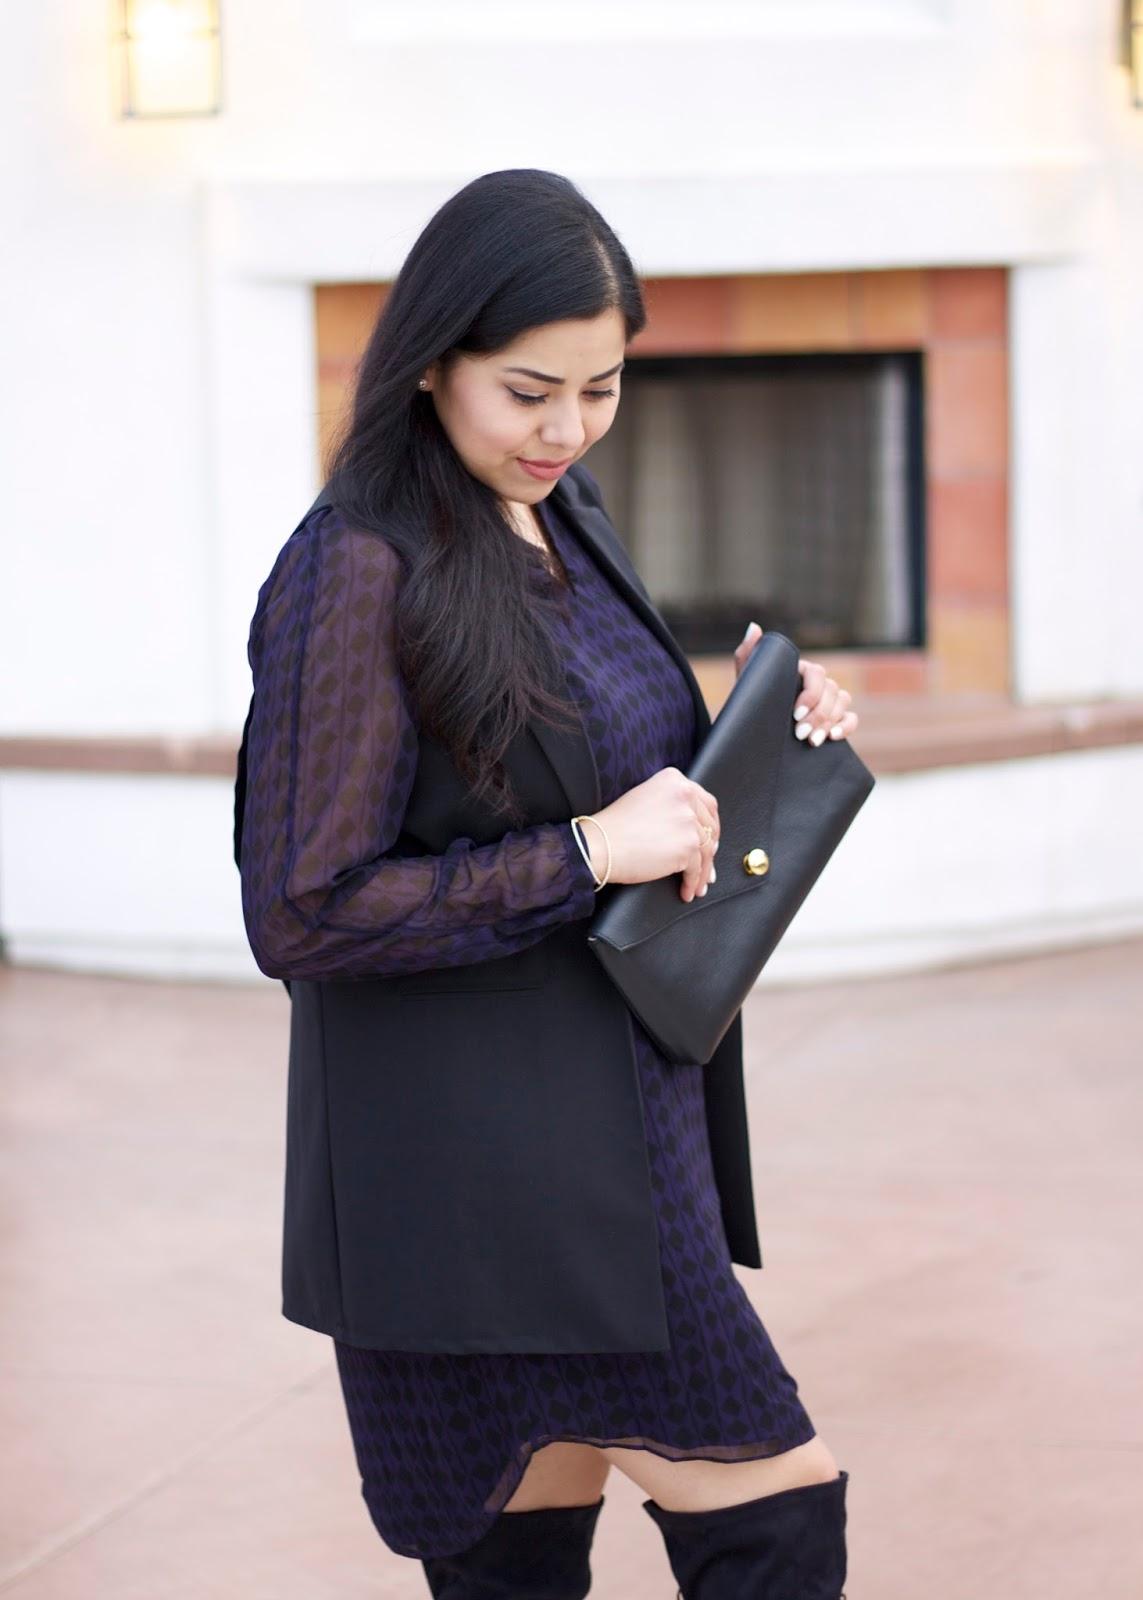 Cabi patterned dress, linel ellis black clutch, black leather clutch, black vest